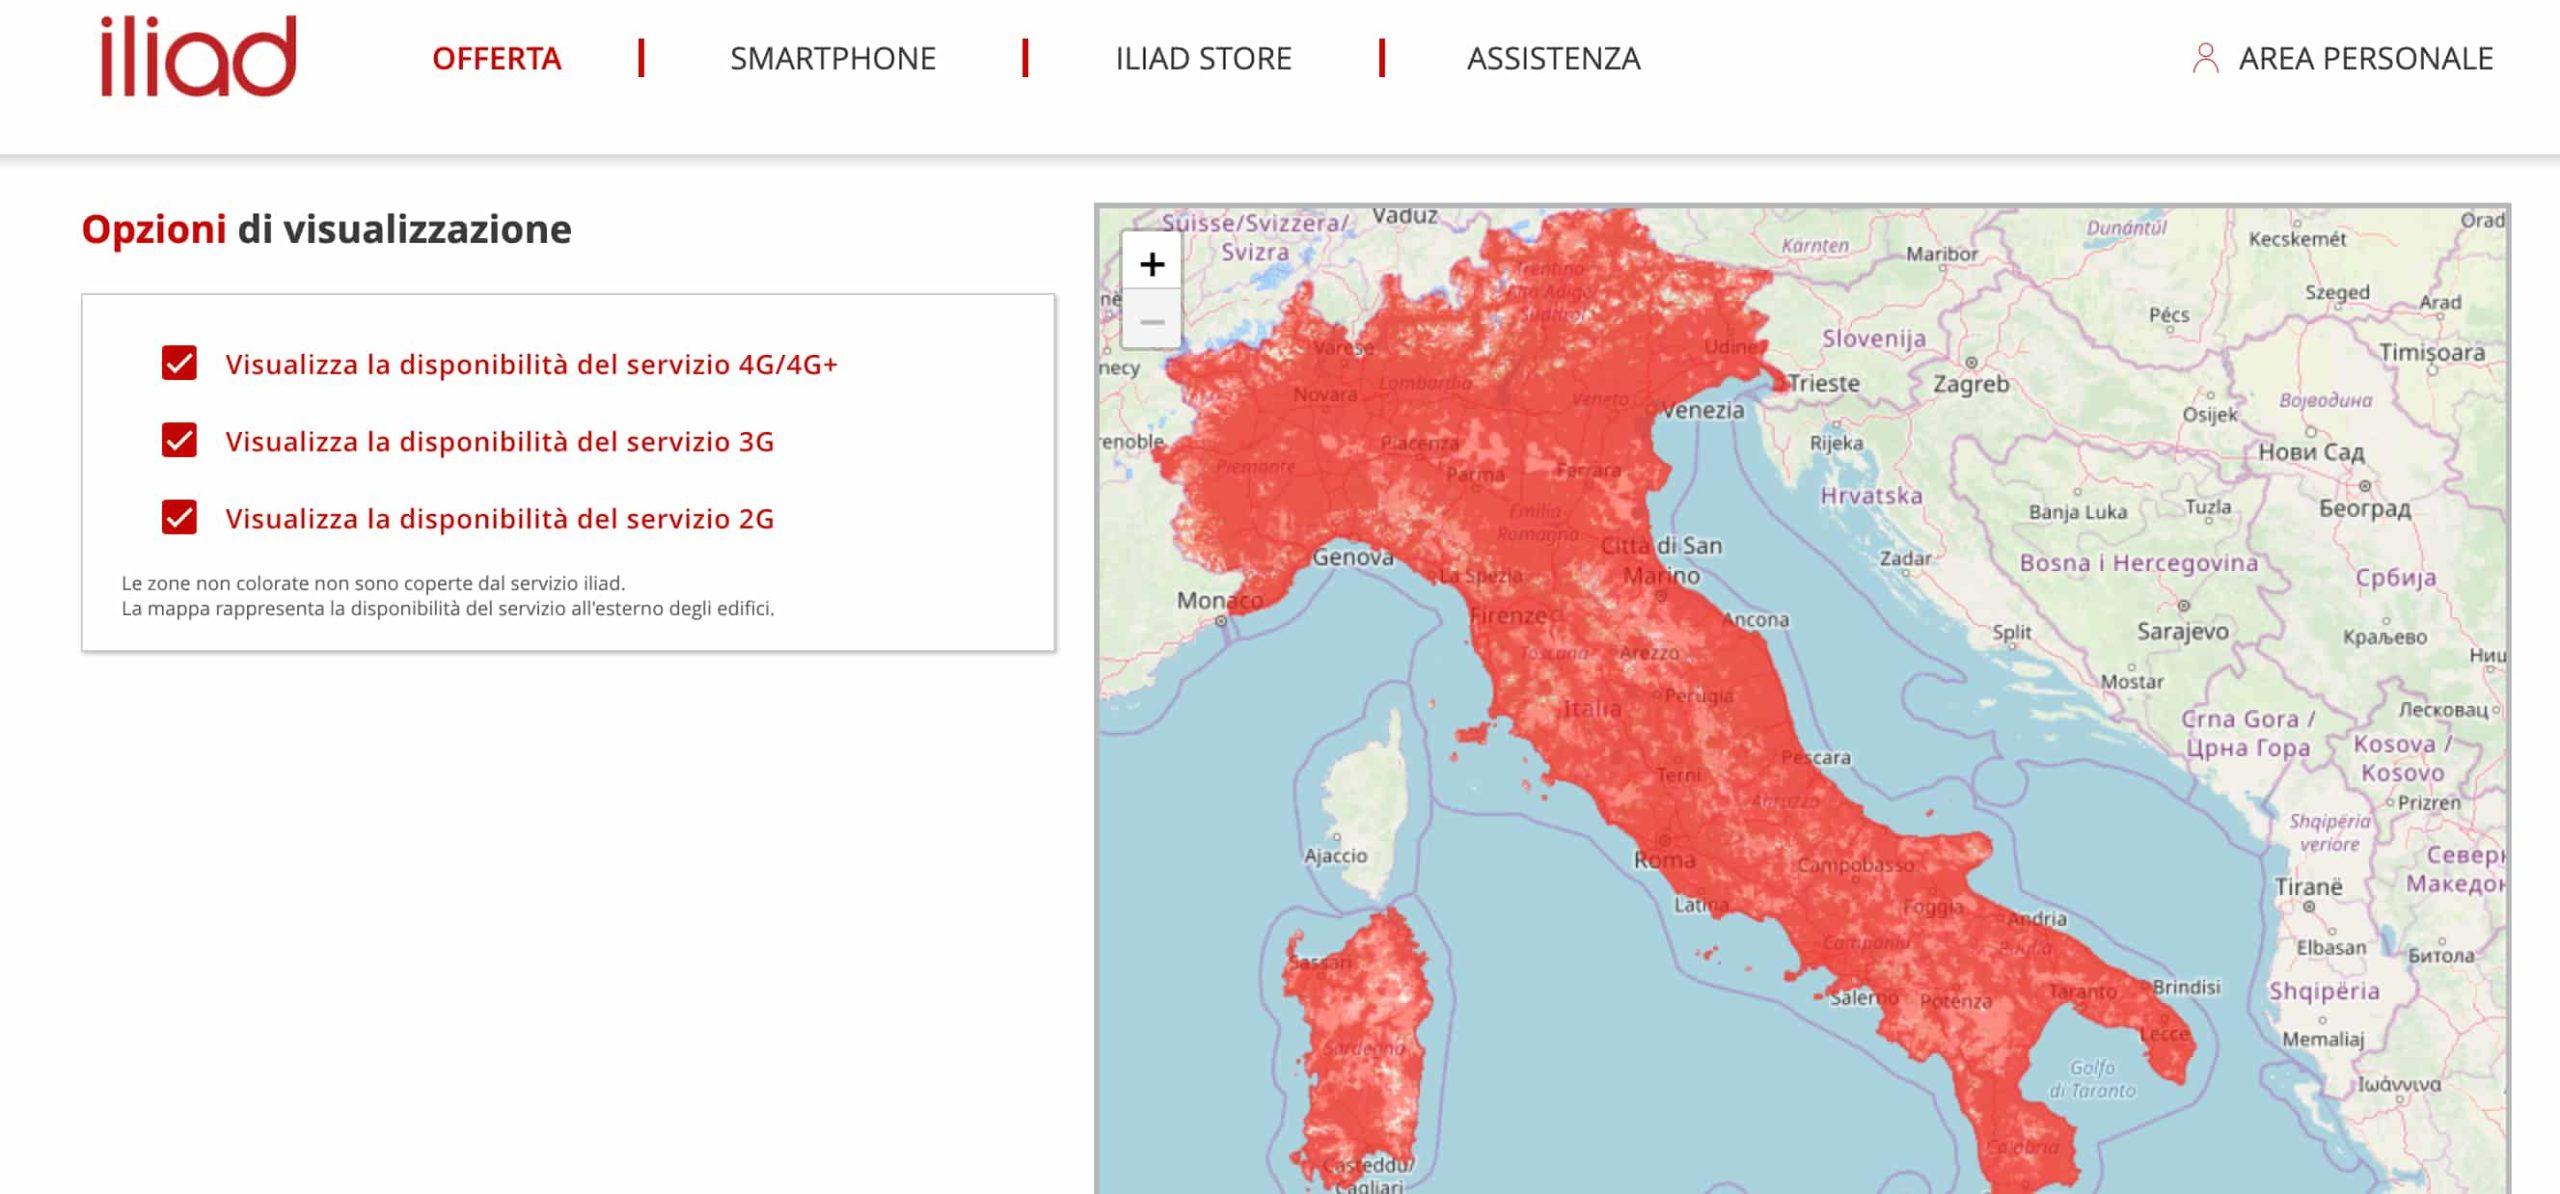 Mappa di copertura Iliad